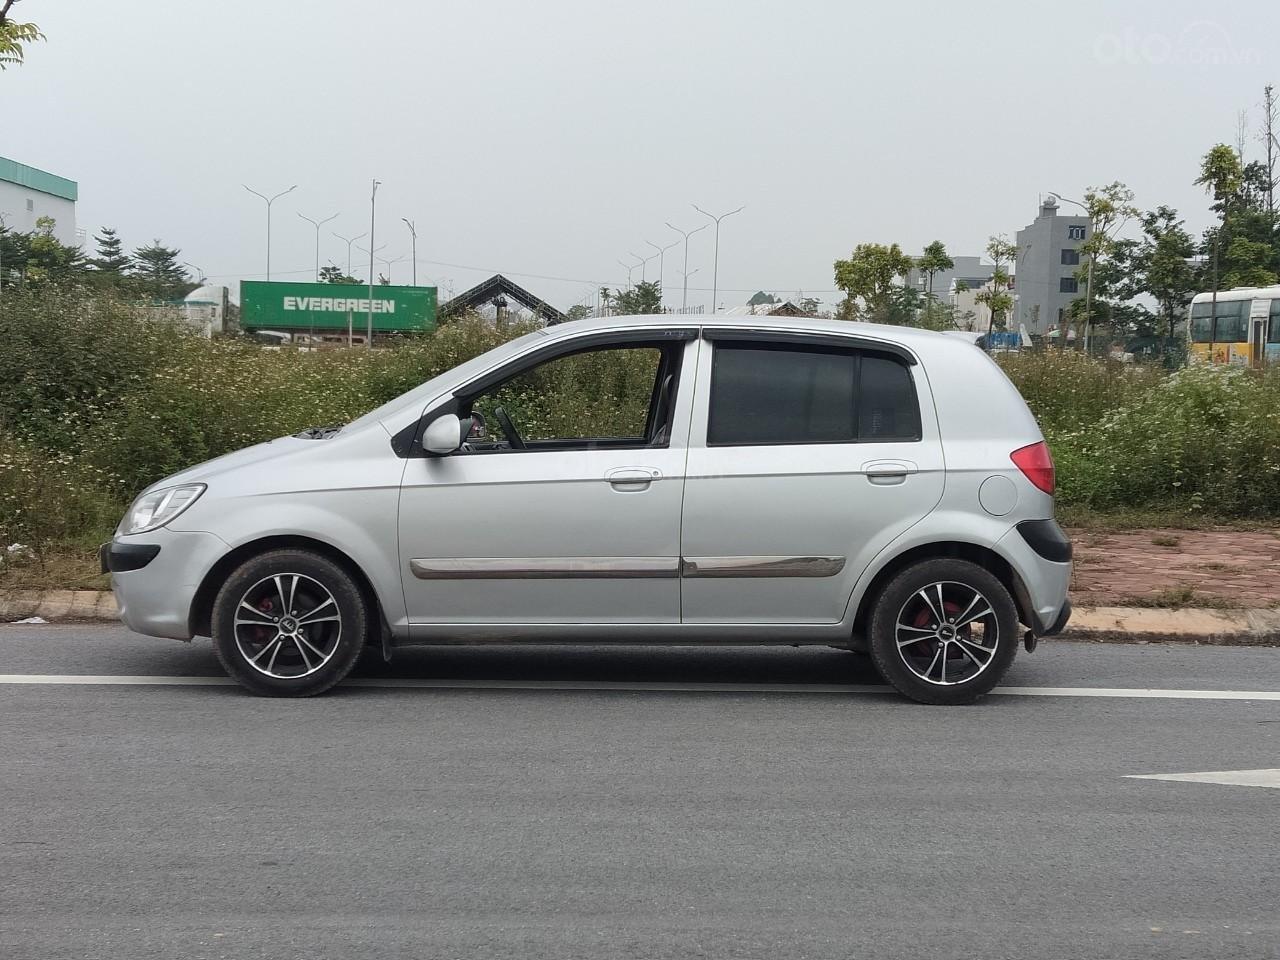 Hyundai Getz giá dưới 250 triệu đồng có đáng để mua? 3a